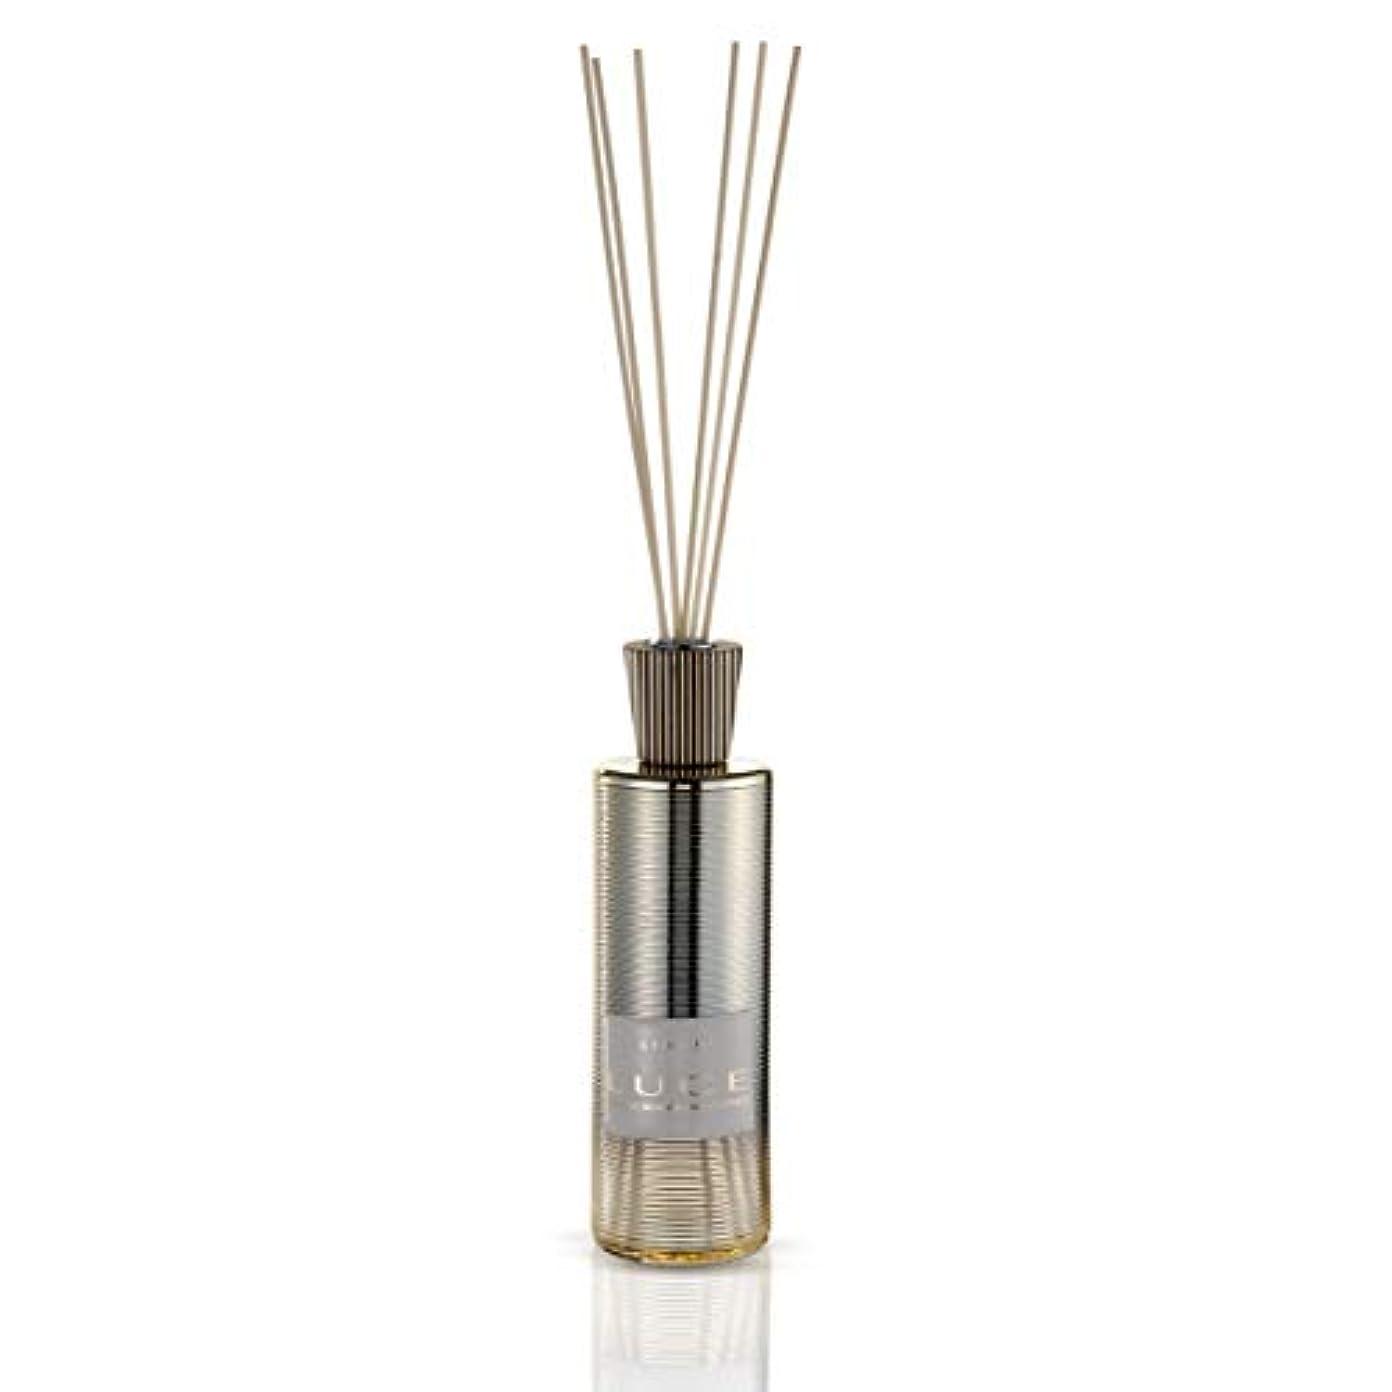 この甘いどこかLINARI リナーリ ルームディフューザー 500ml LUCE ルーチェ ナチュラルスティック natural stick room diffuser